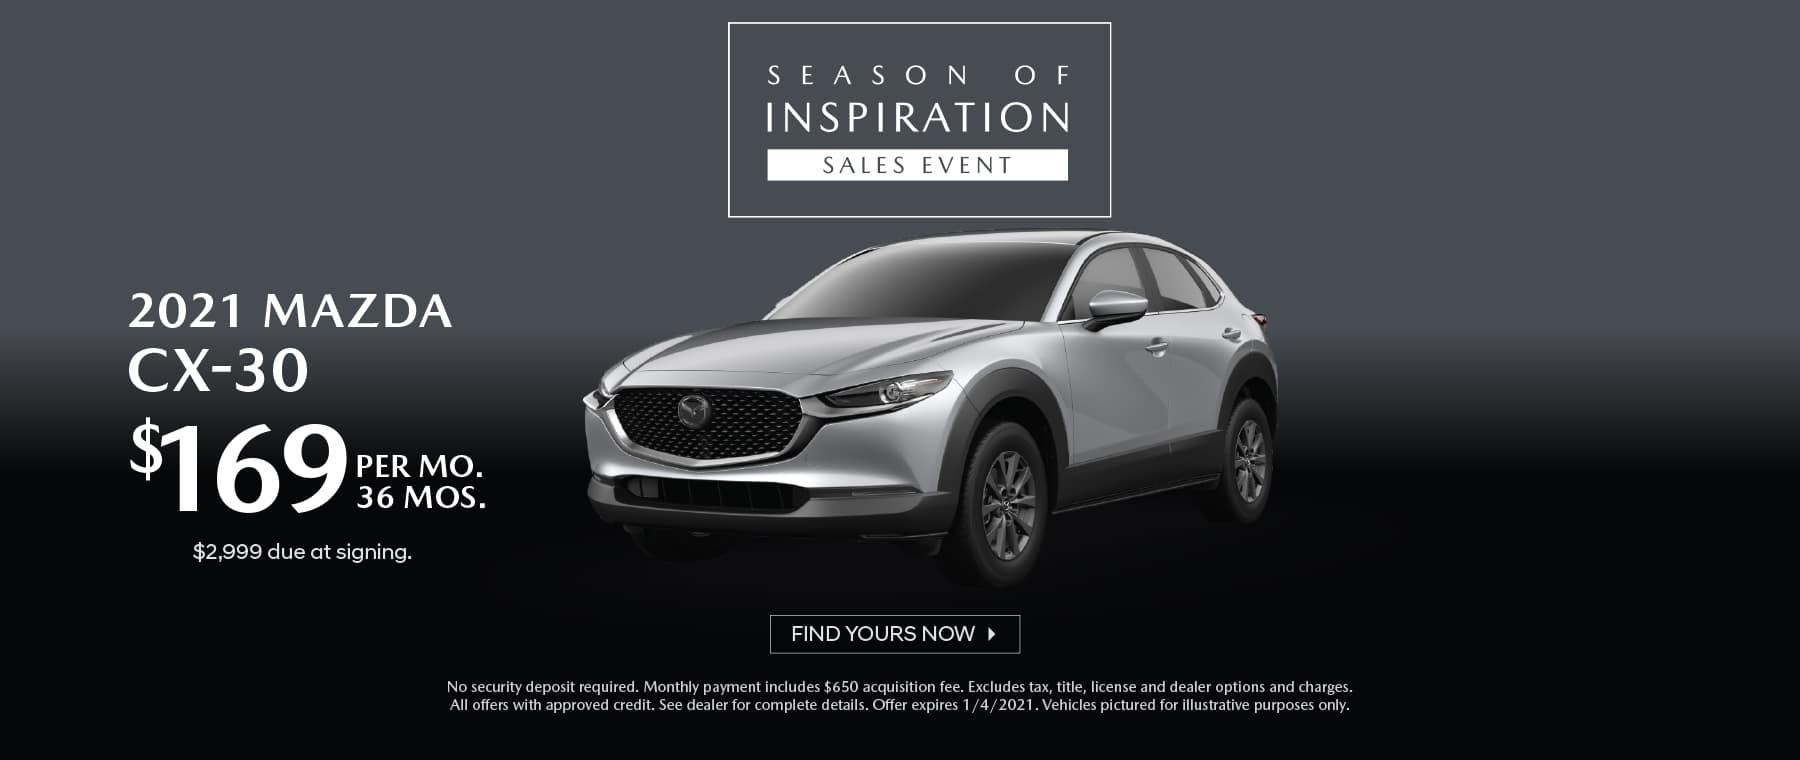 2020.11.24-Keffer-Mazda-Offer-December-Banners-S49668vw-5